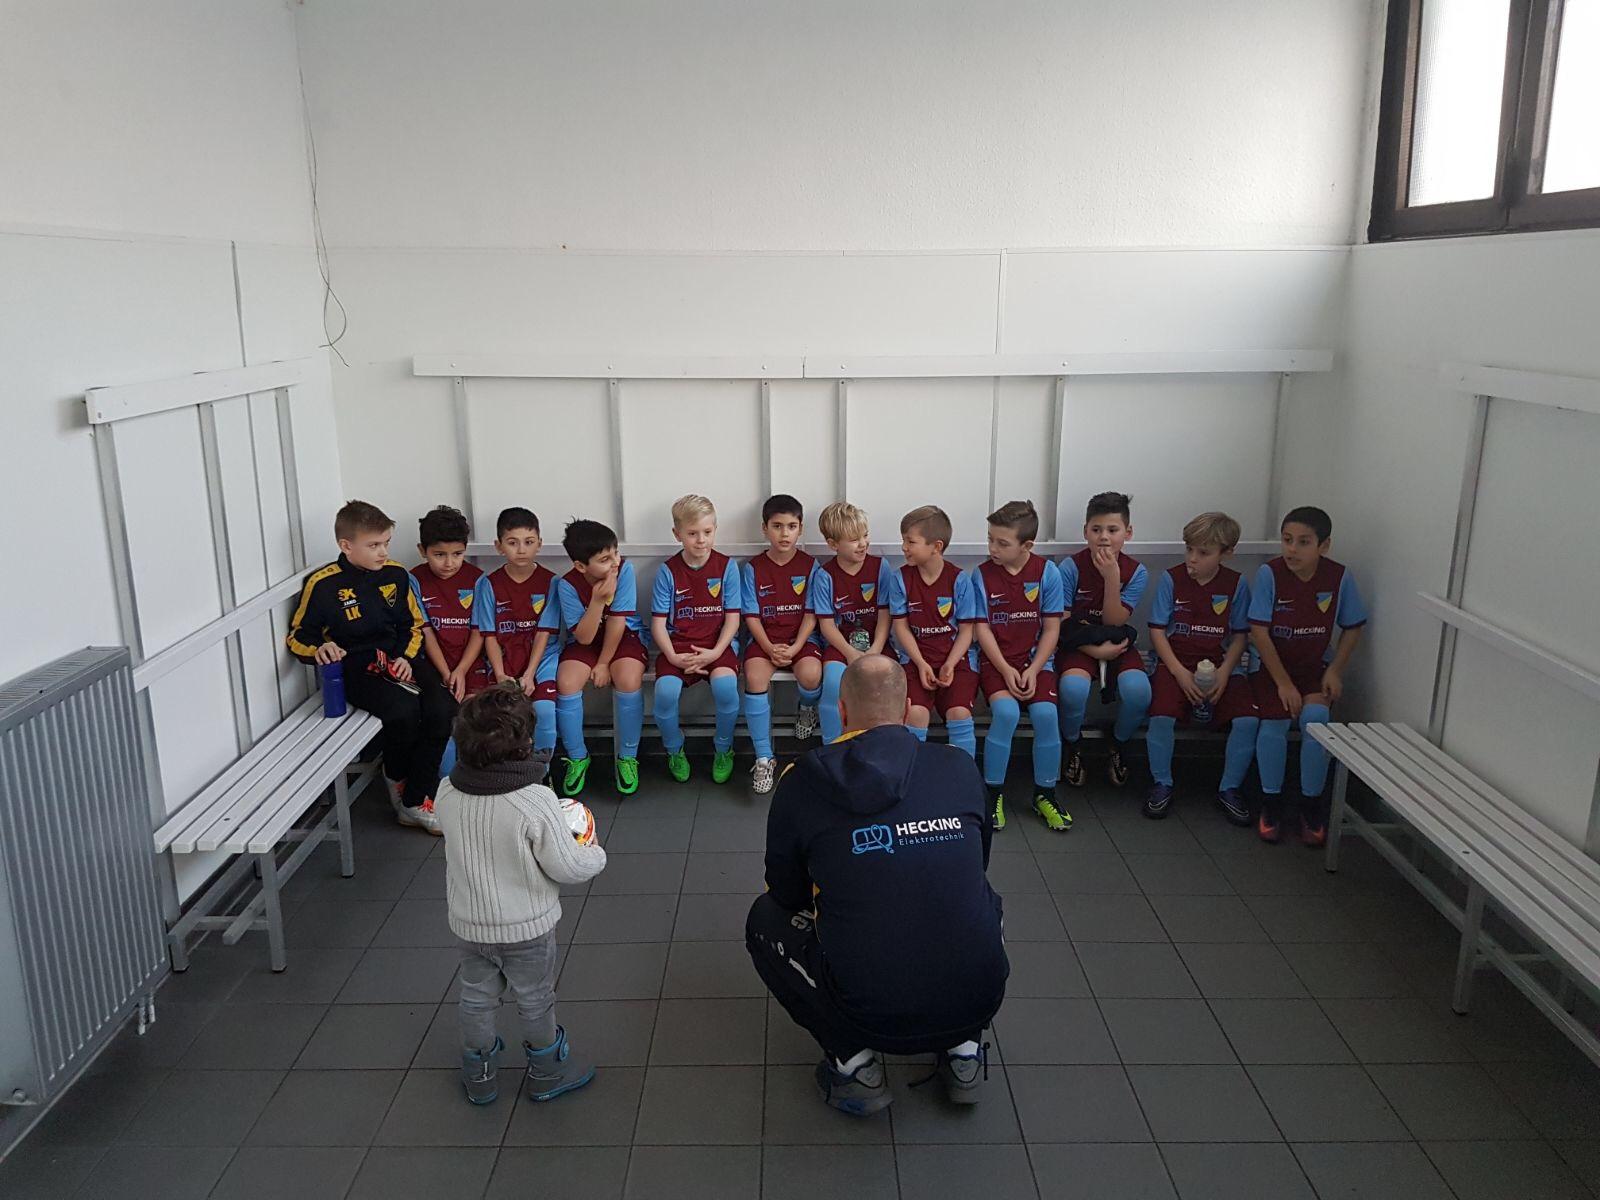 Teambesprechung mit dem neuen Co-Trainer ;)